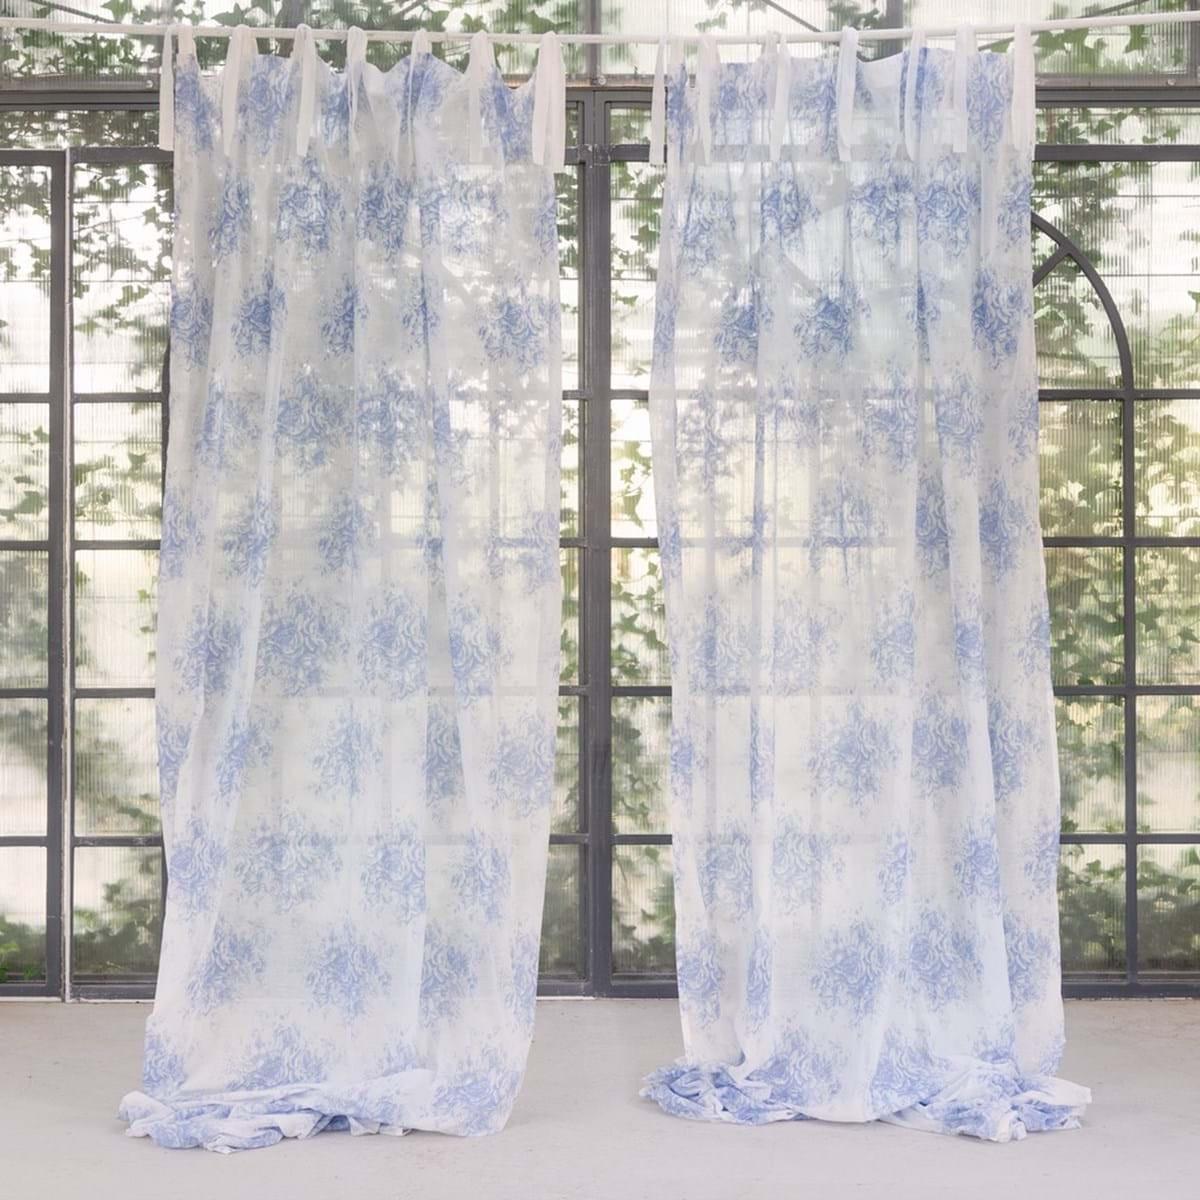 rideau tournee bleu 150 x 300 cm a nouettes par blanc mariclo